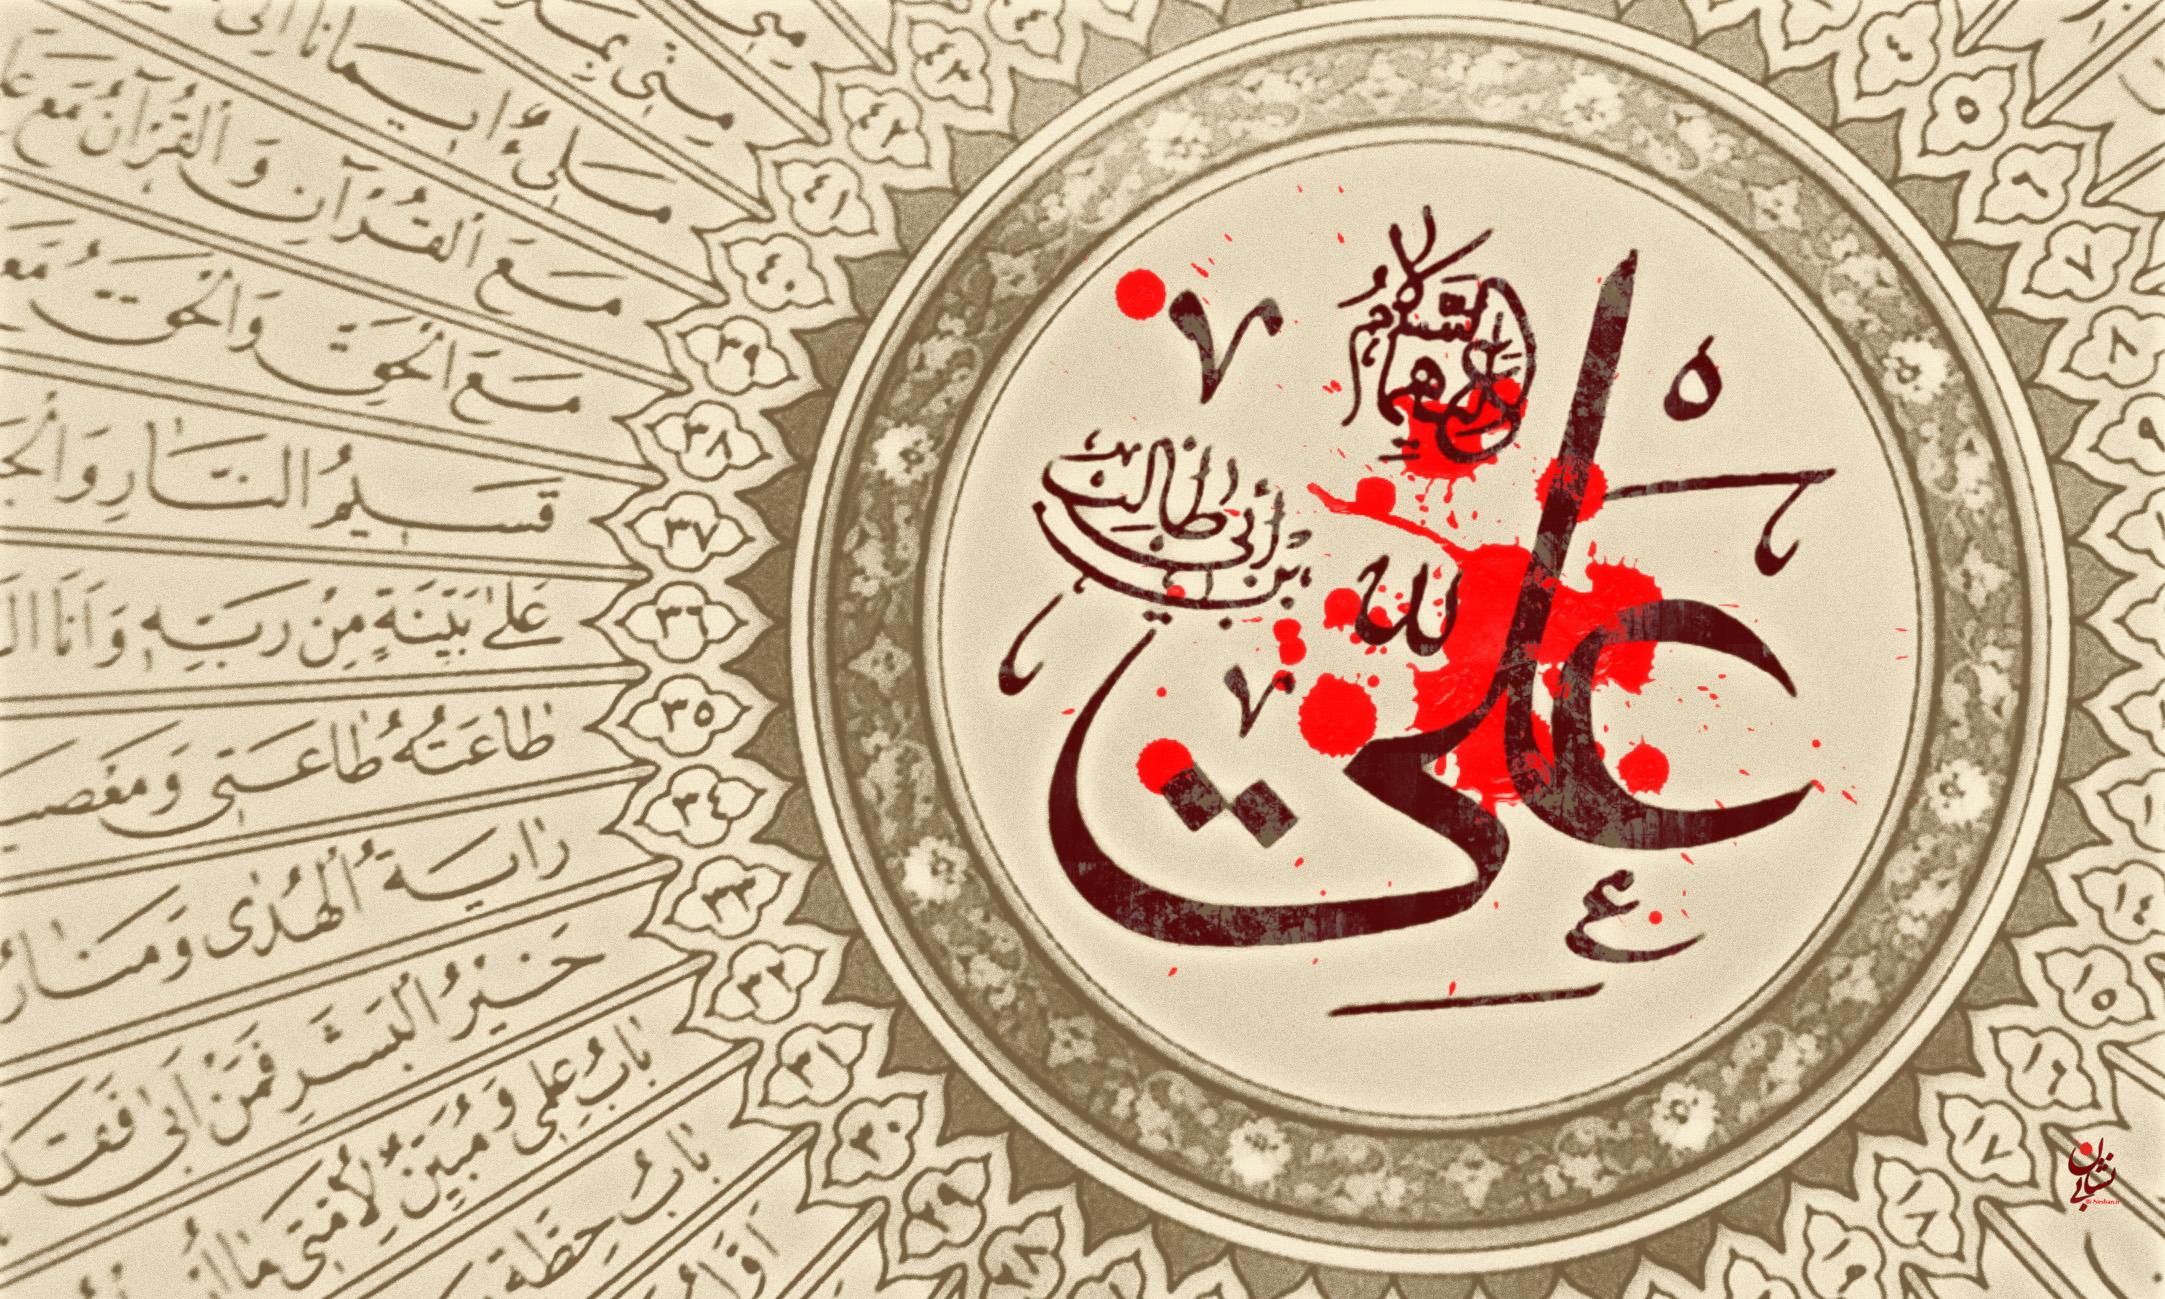 نتیجه تصویری برای پوستر حضرت علی